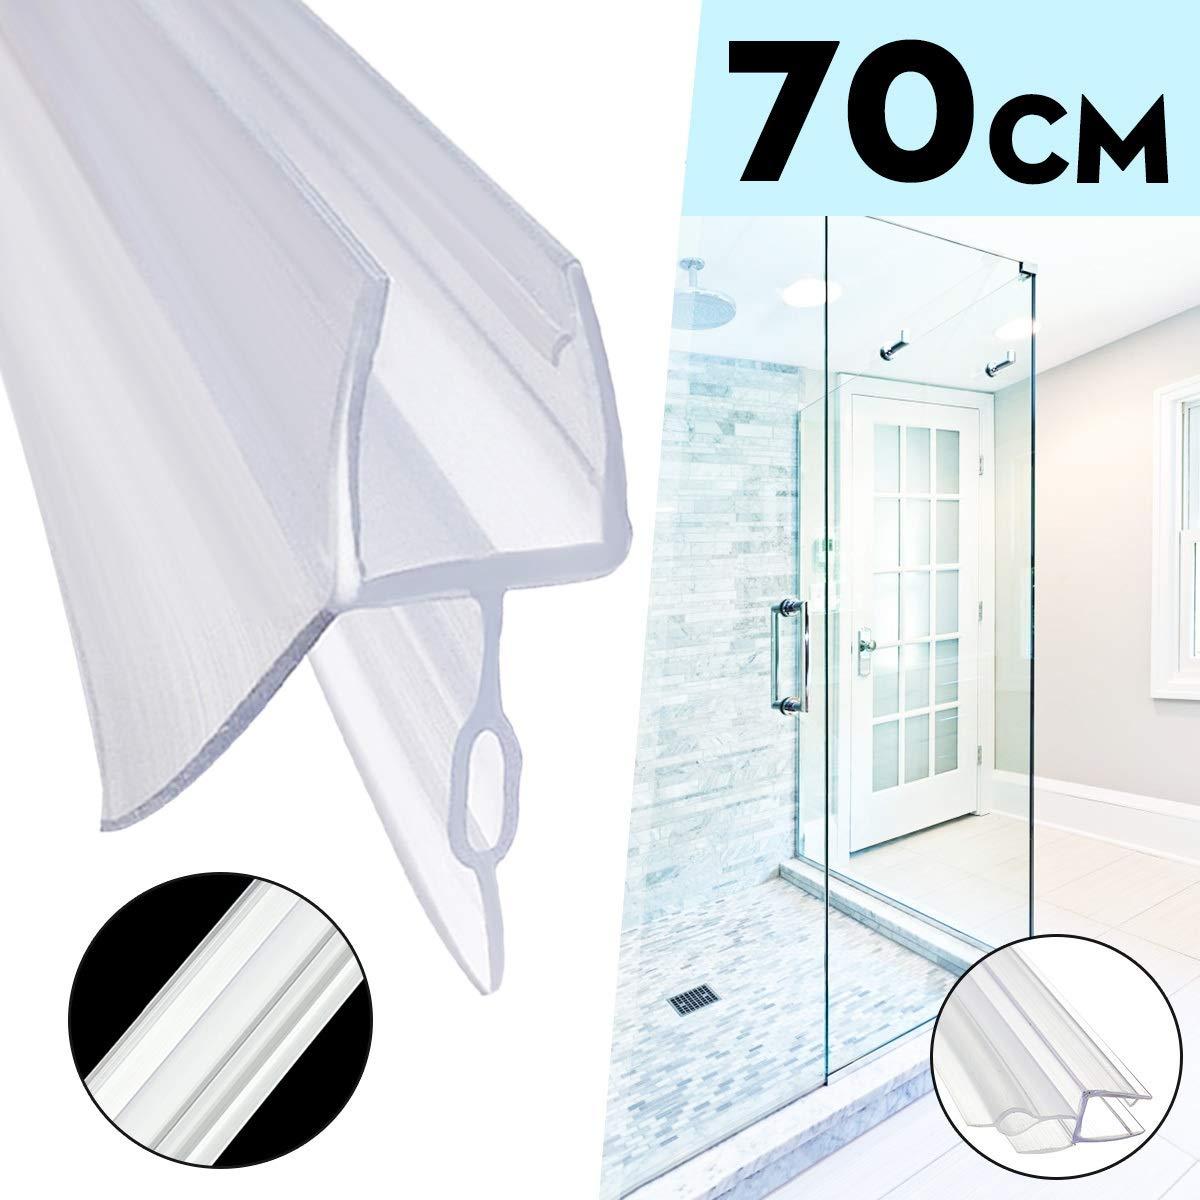 Tira de anillo de sellado para mampara de ducha o baño, grosor de 4 a 6 mm: Amazon.es: Bricolaje y herramientas